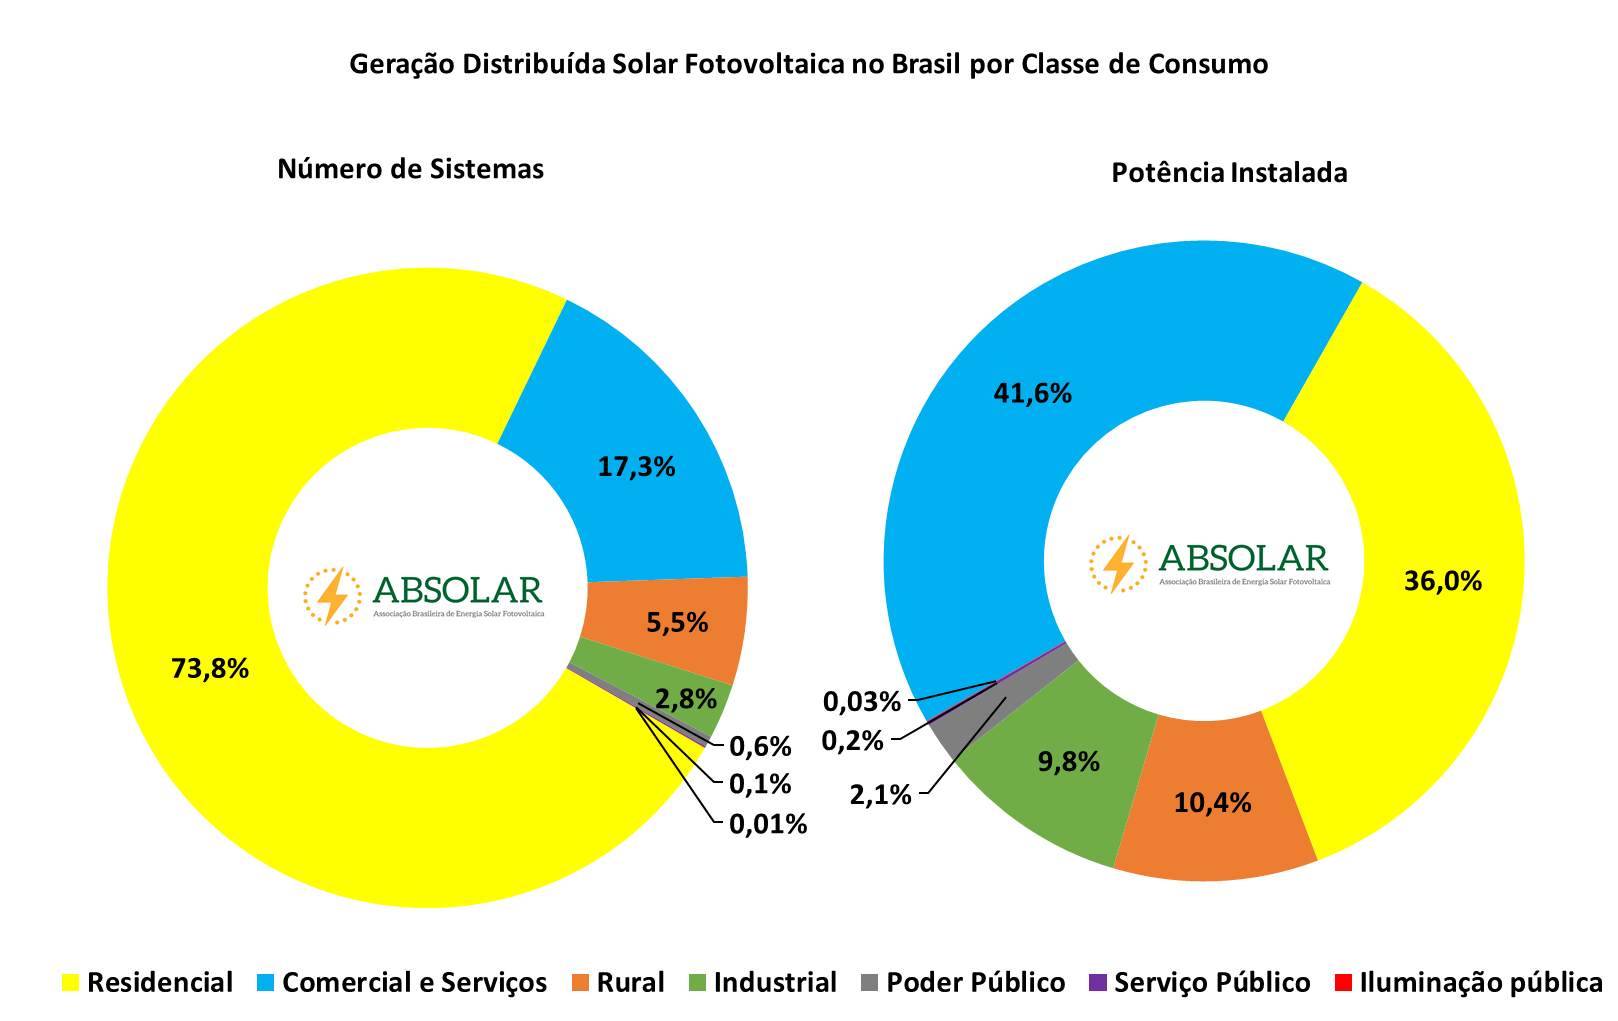 Energia-solar-fotovoltaica-atinge-1-gigawatt-em-geração-distribuída-no-Brasil